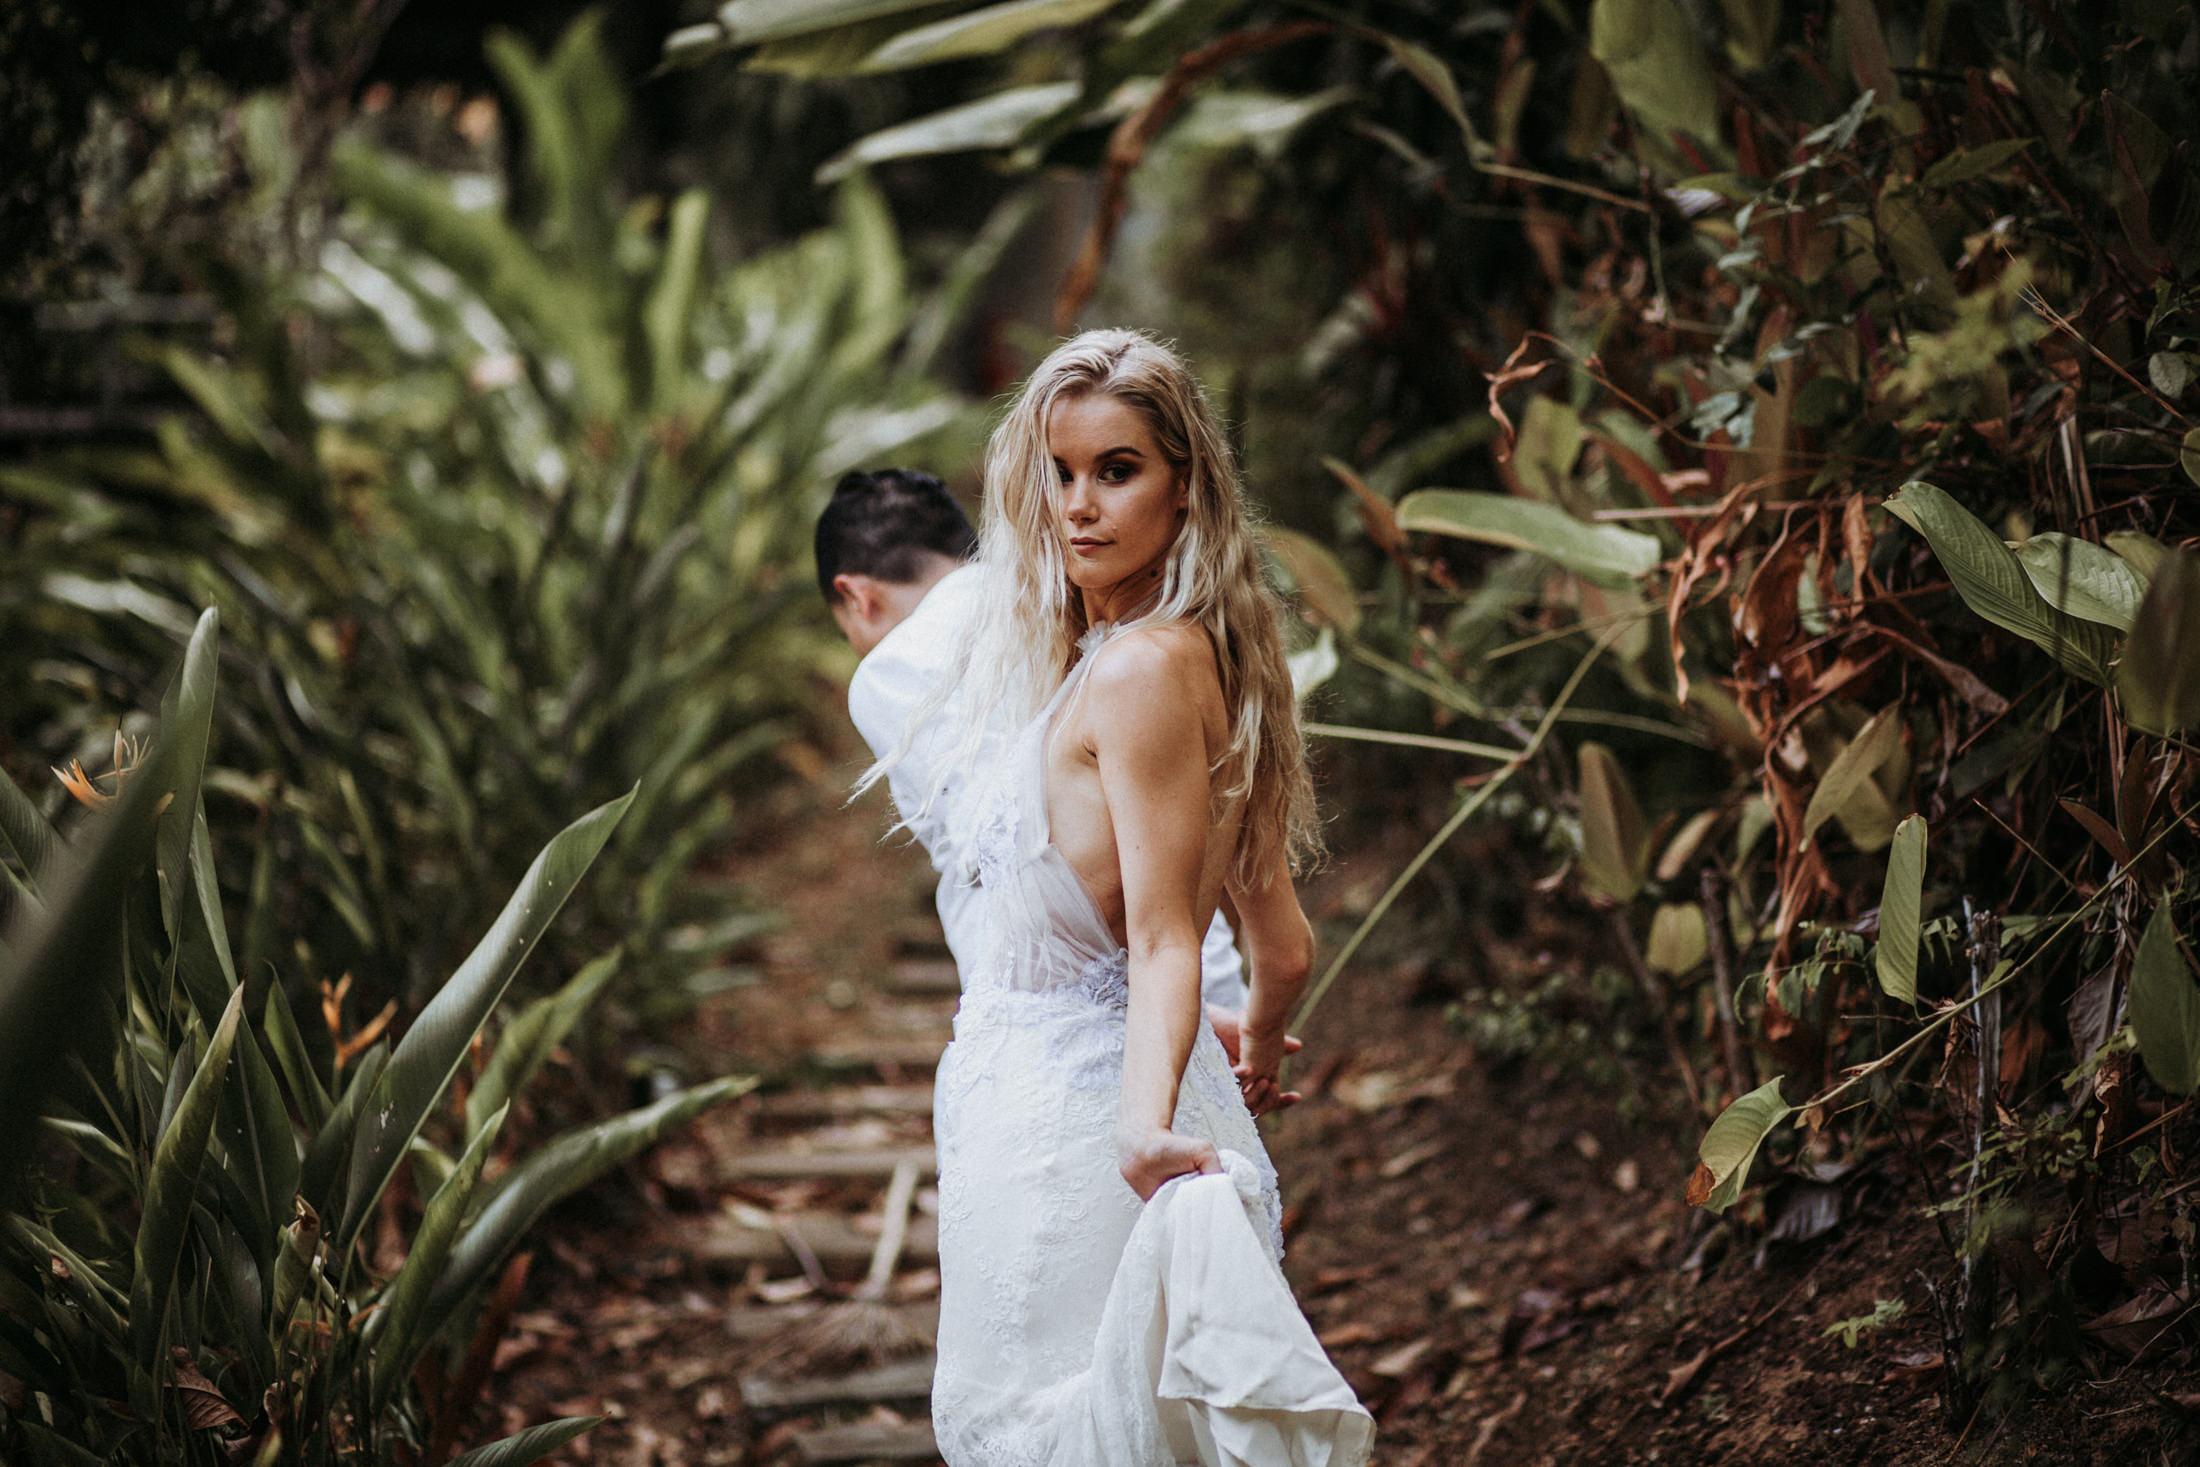 DanielaMarquardt_Wedding_Thailand_465